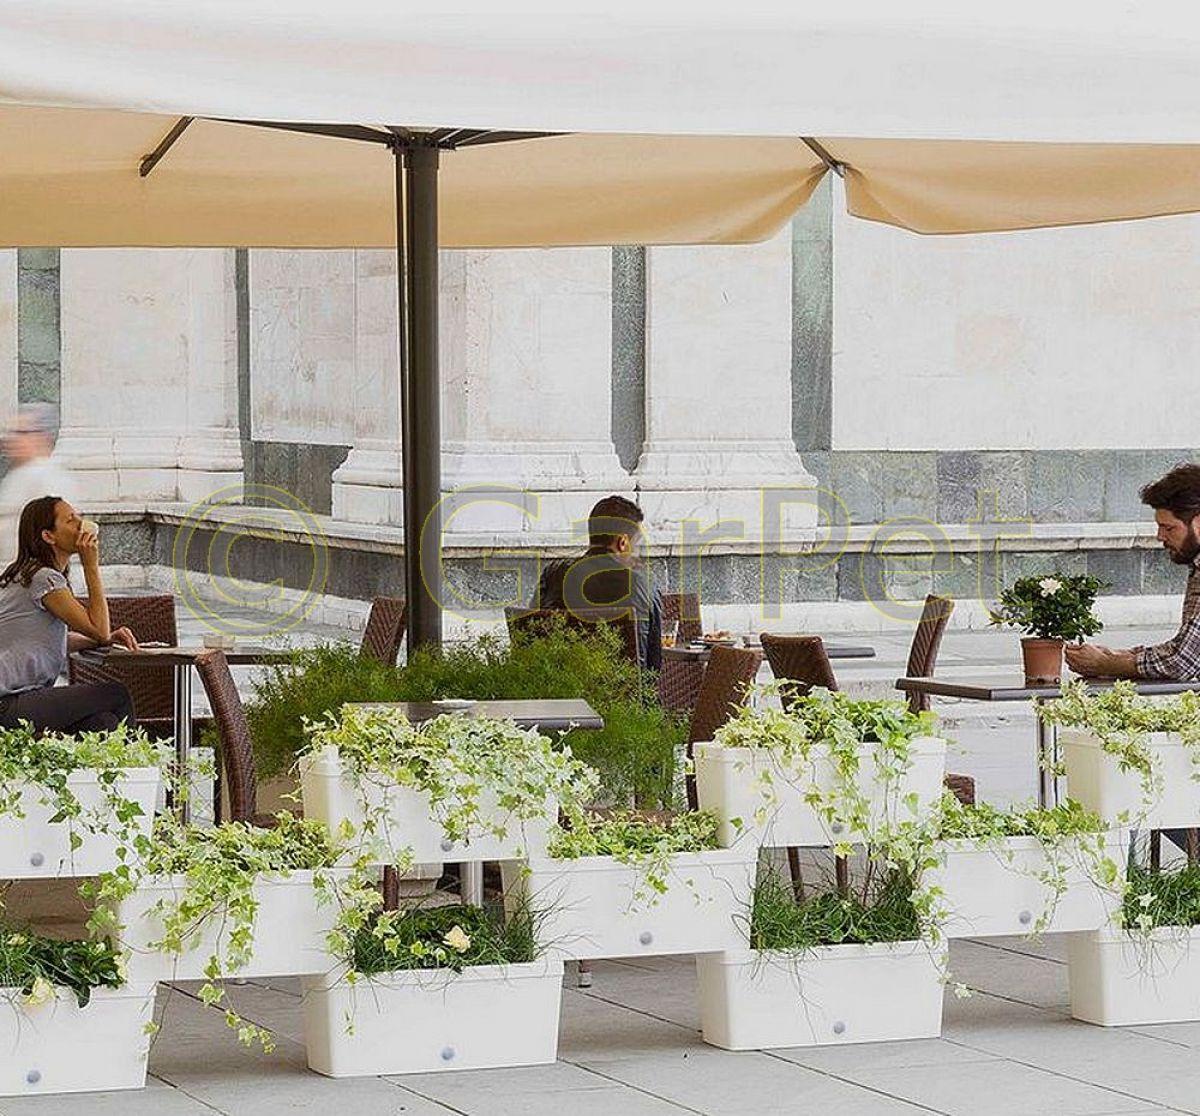 Pflanzkubel Raumteiler Innen Aussen Sichtschutz Pflanzkasten